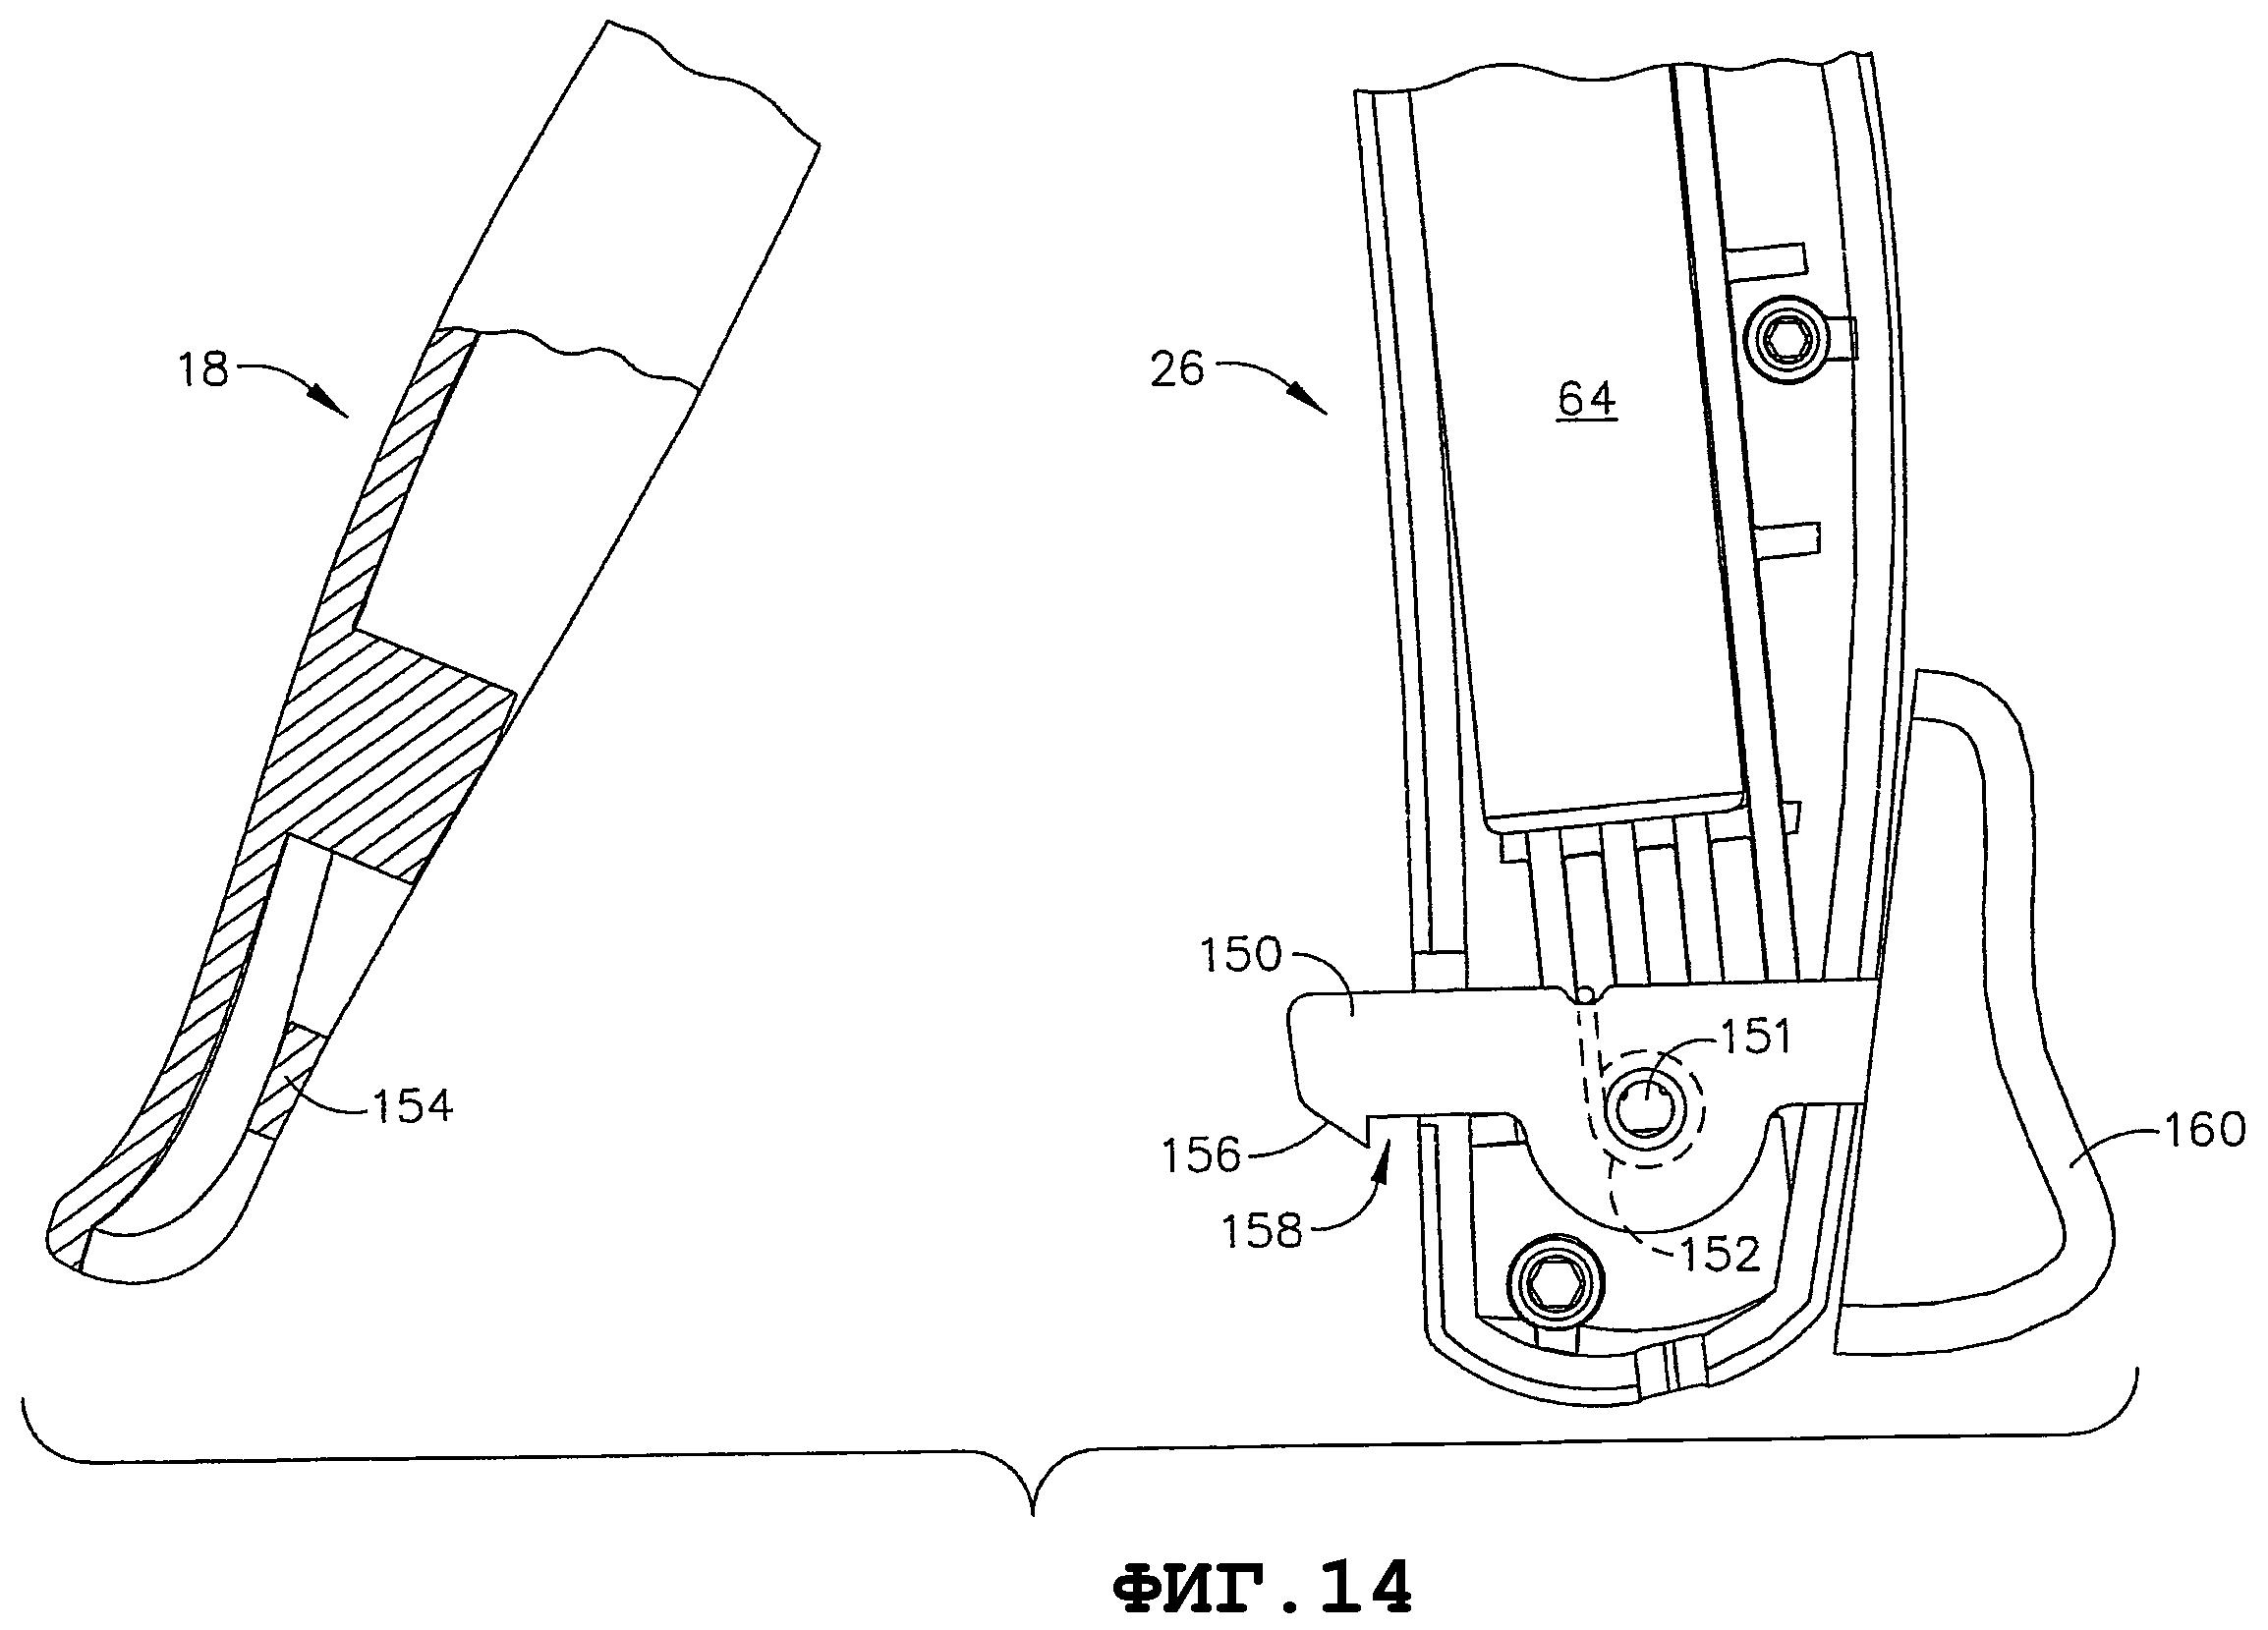 Схема проезда по маратовскому кольцу